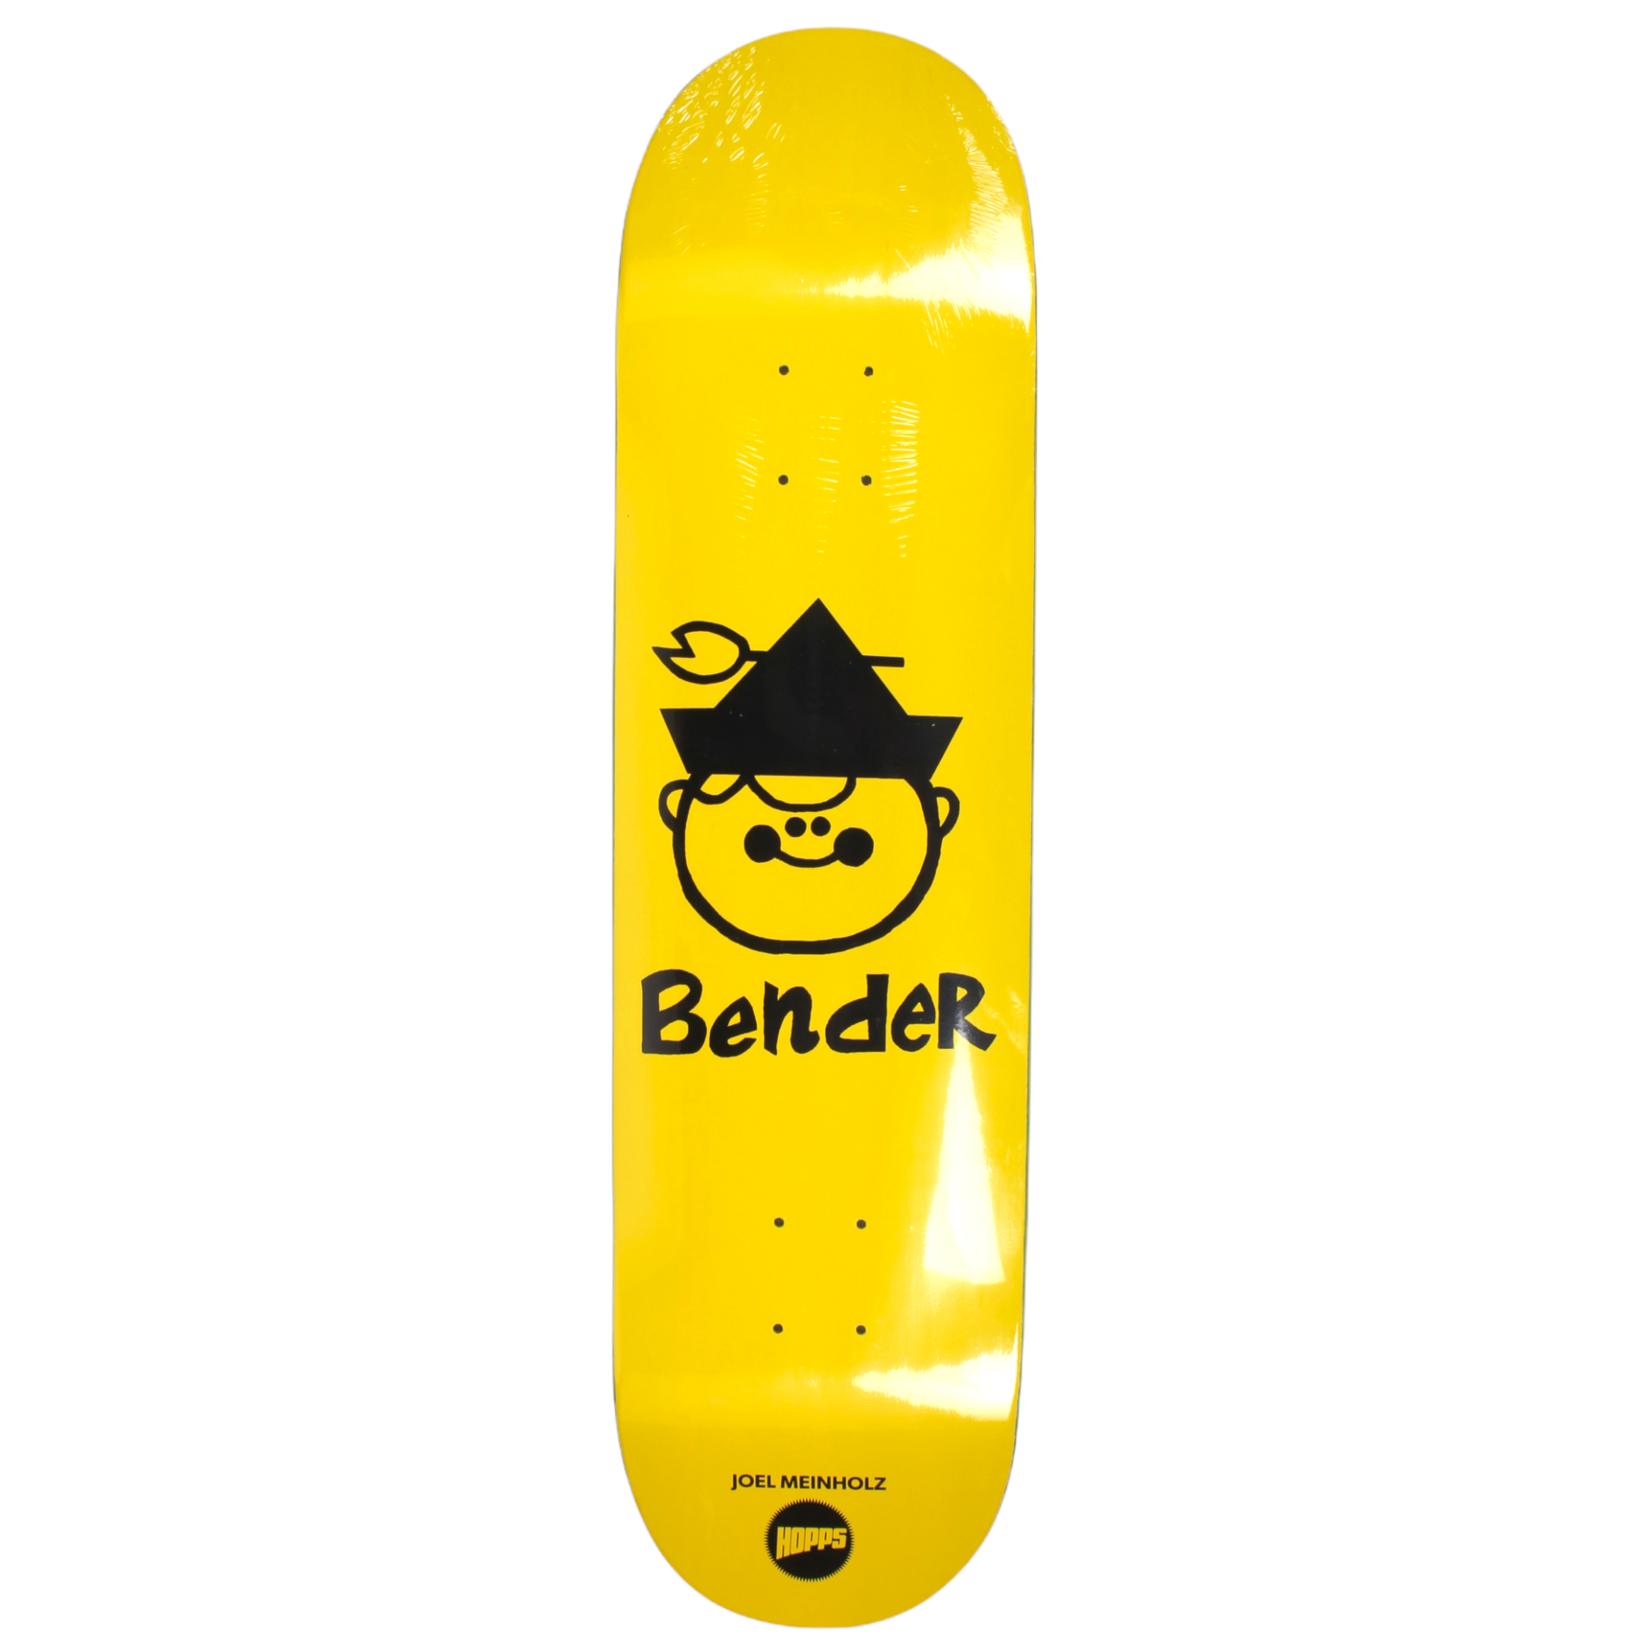 Hopps Hopps Meinholz Bender Kid Deck